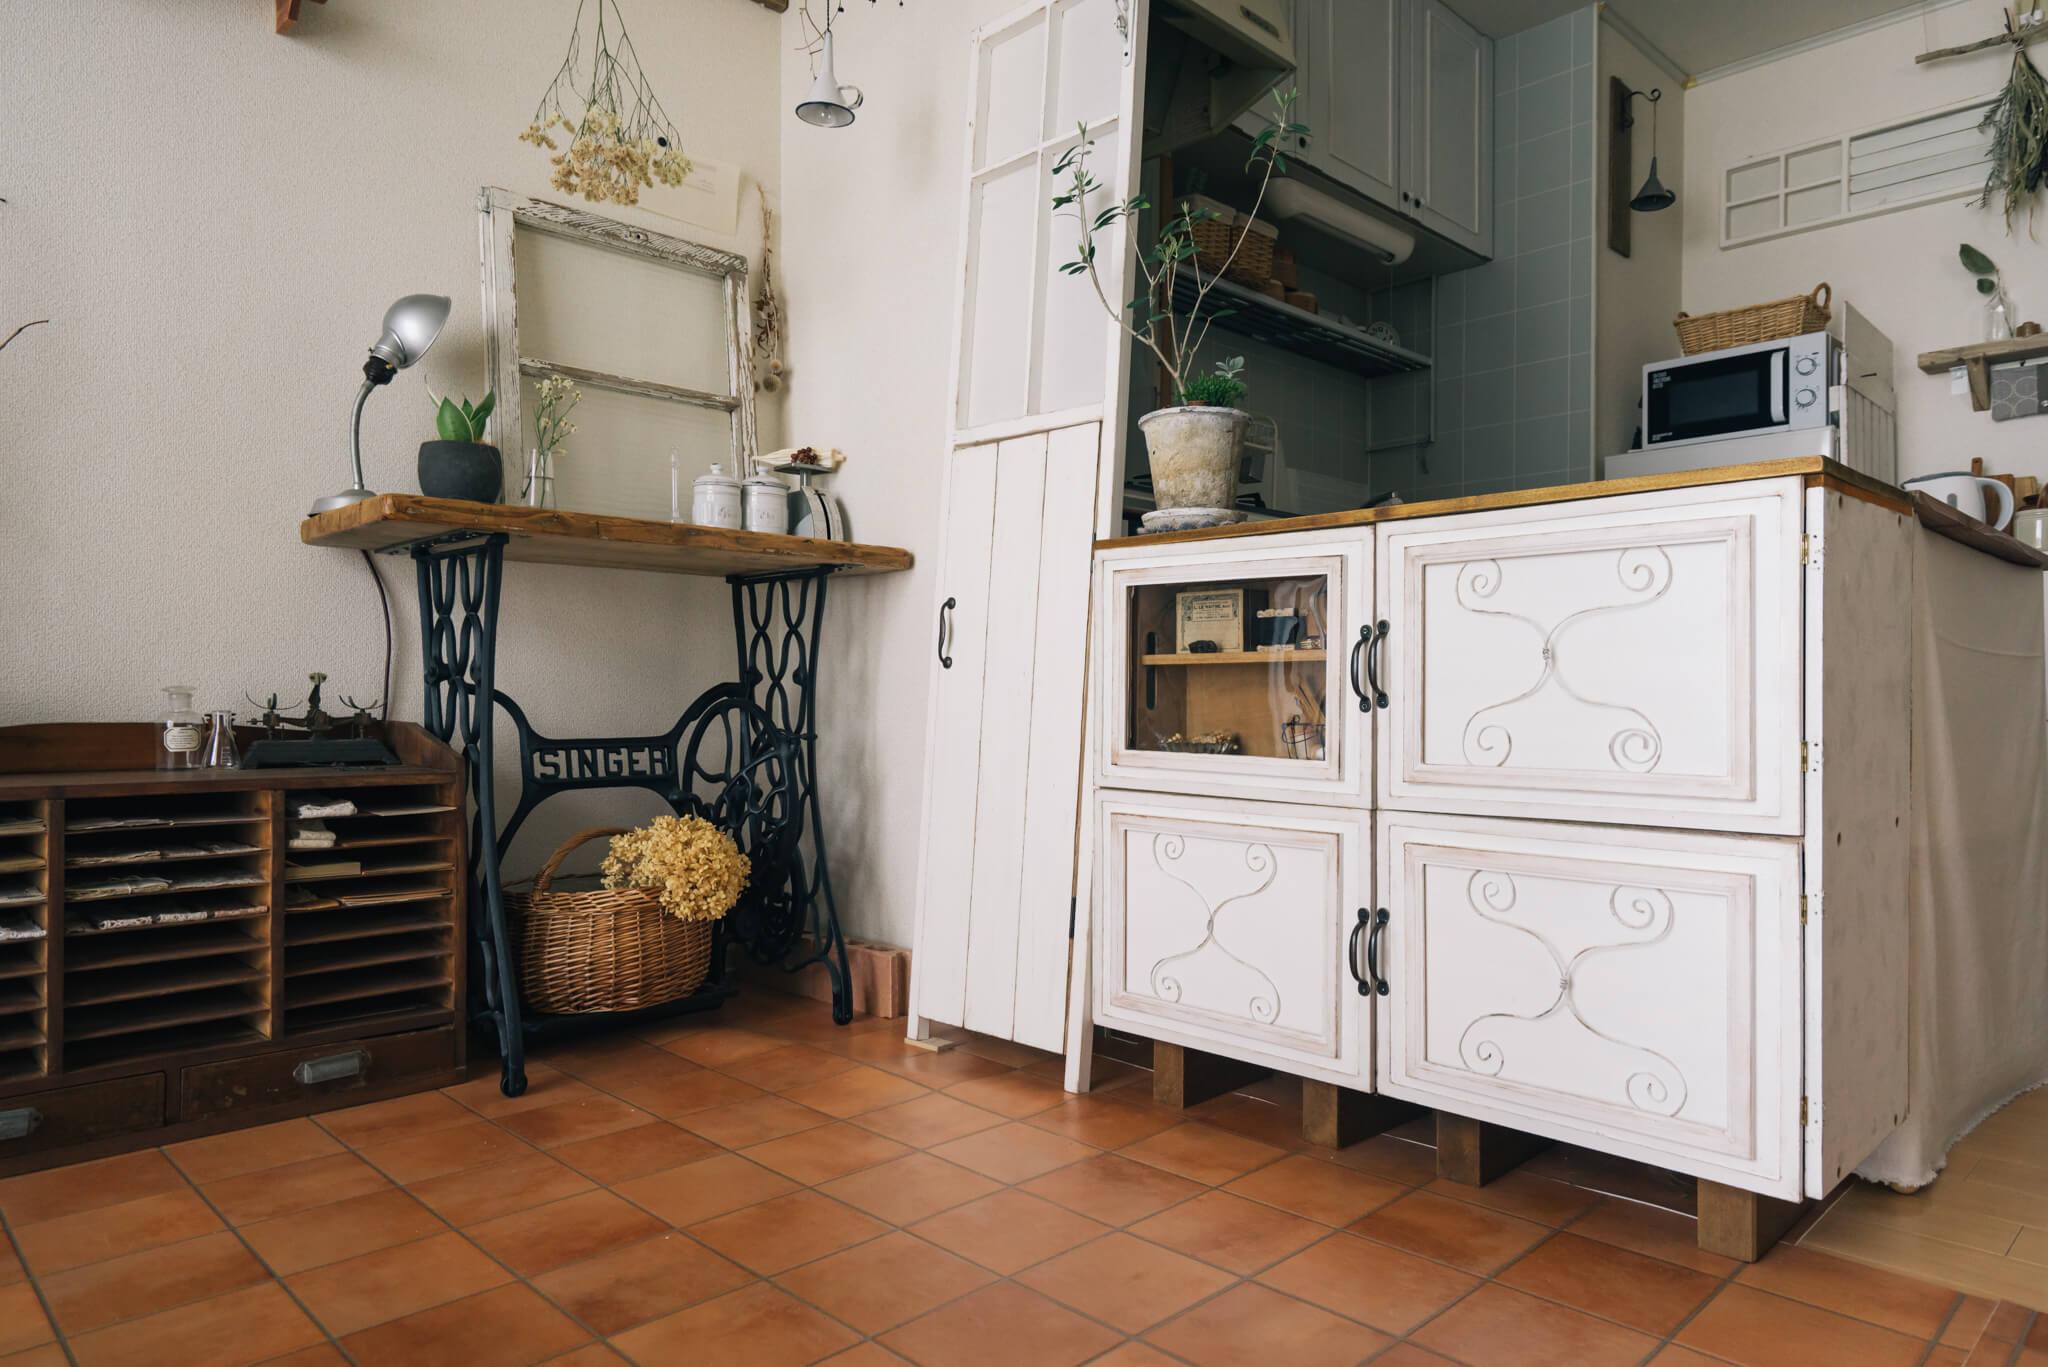 キッチンカウンターをDIYされた方の事例。